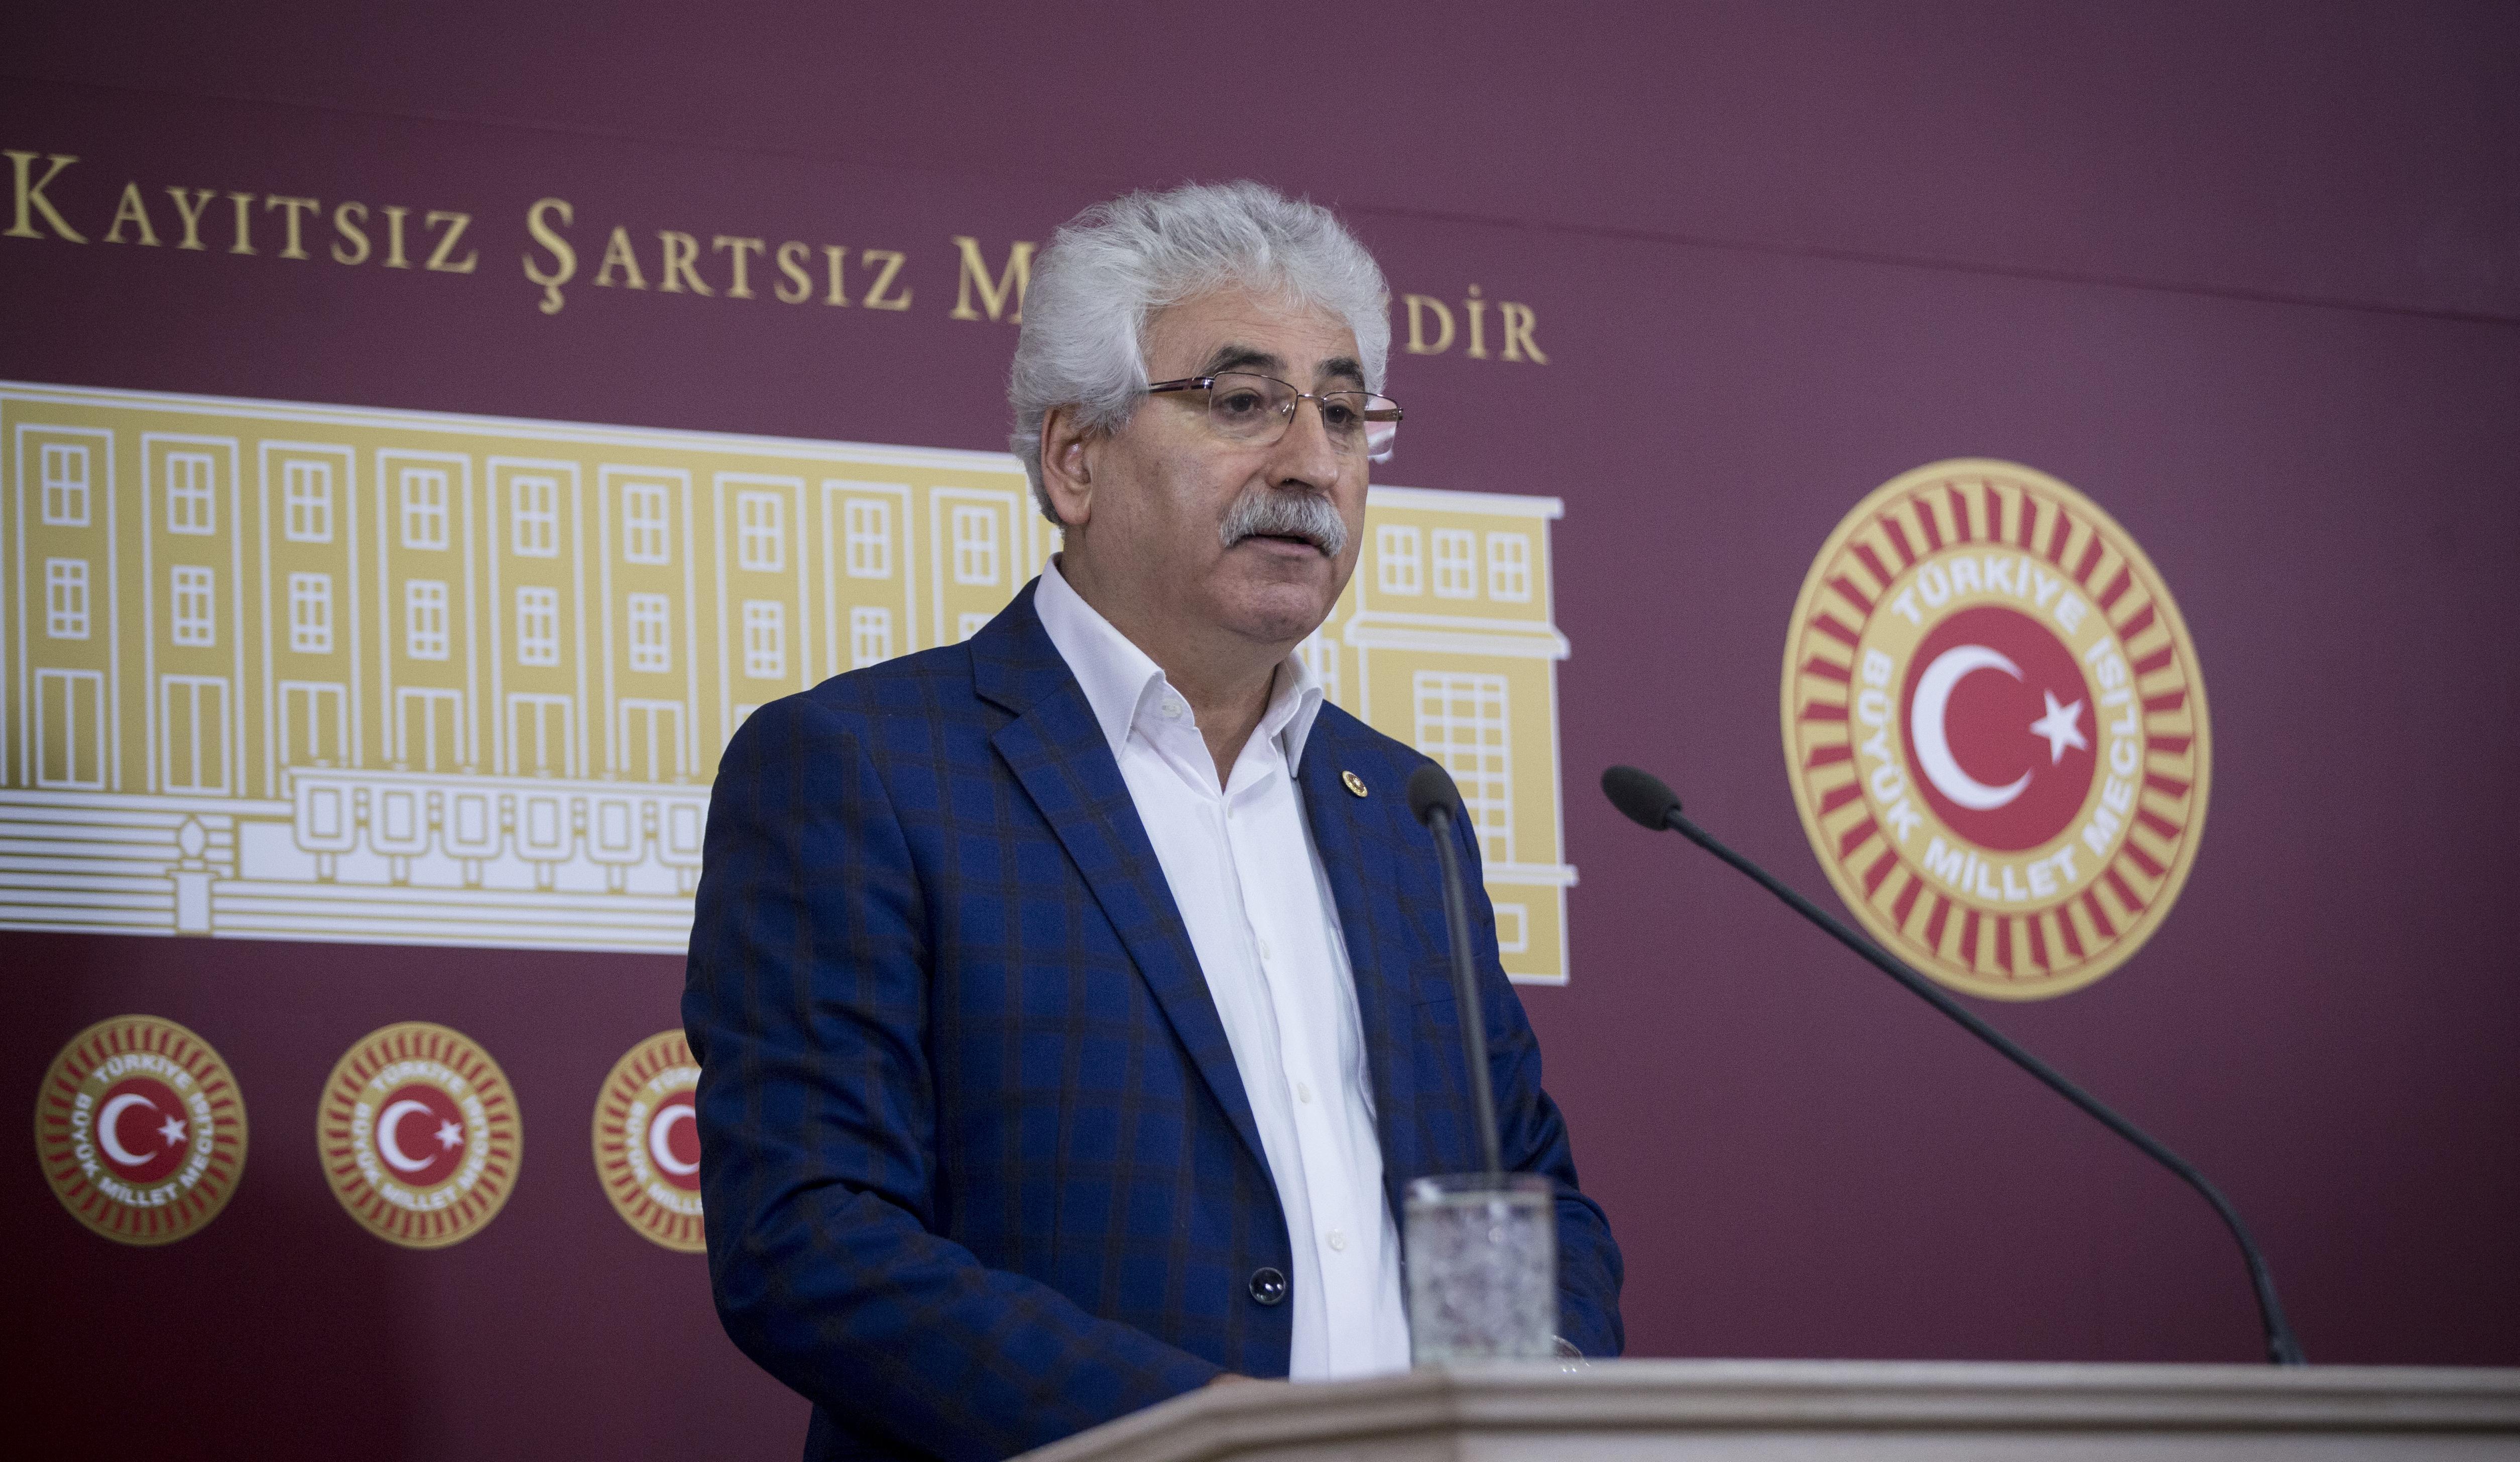 'Türkiye'de siyasal İslam hiçbir zaman darbeden olumsuz etkilenmemiştir'